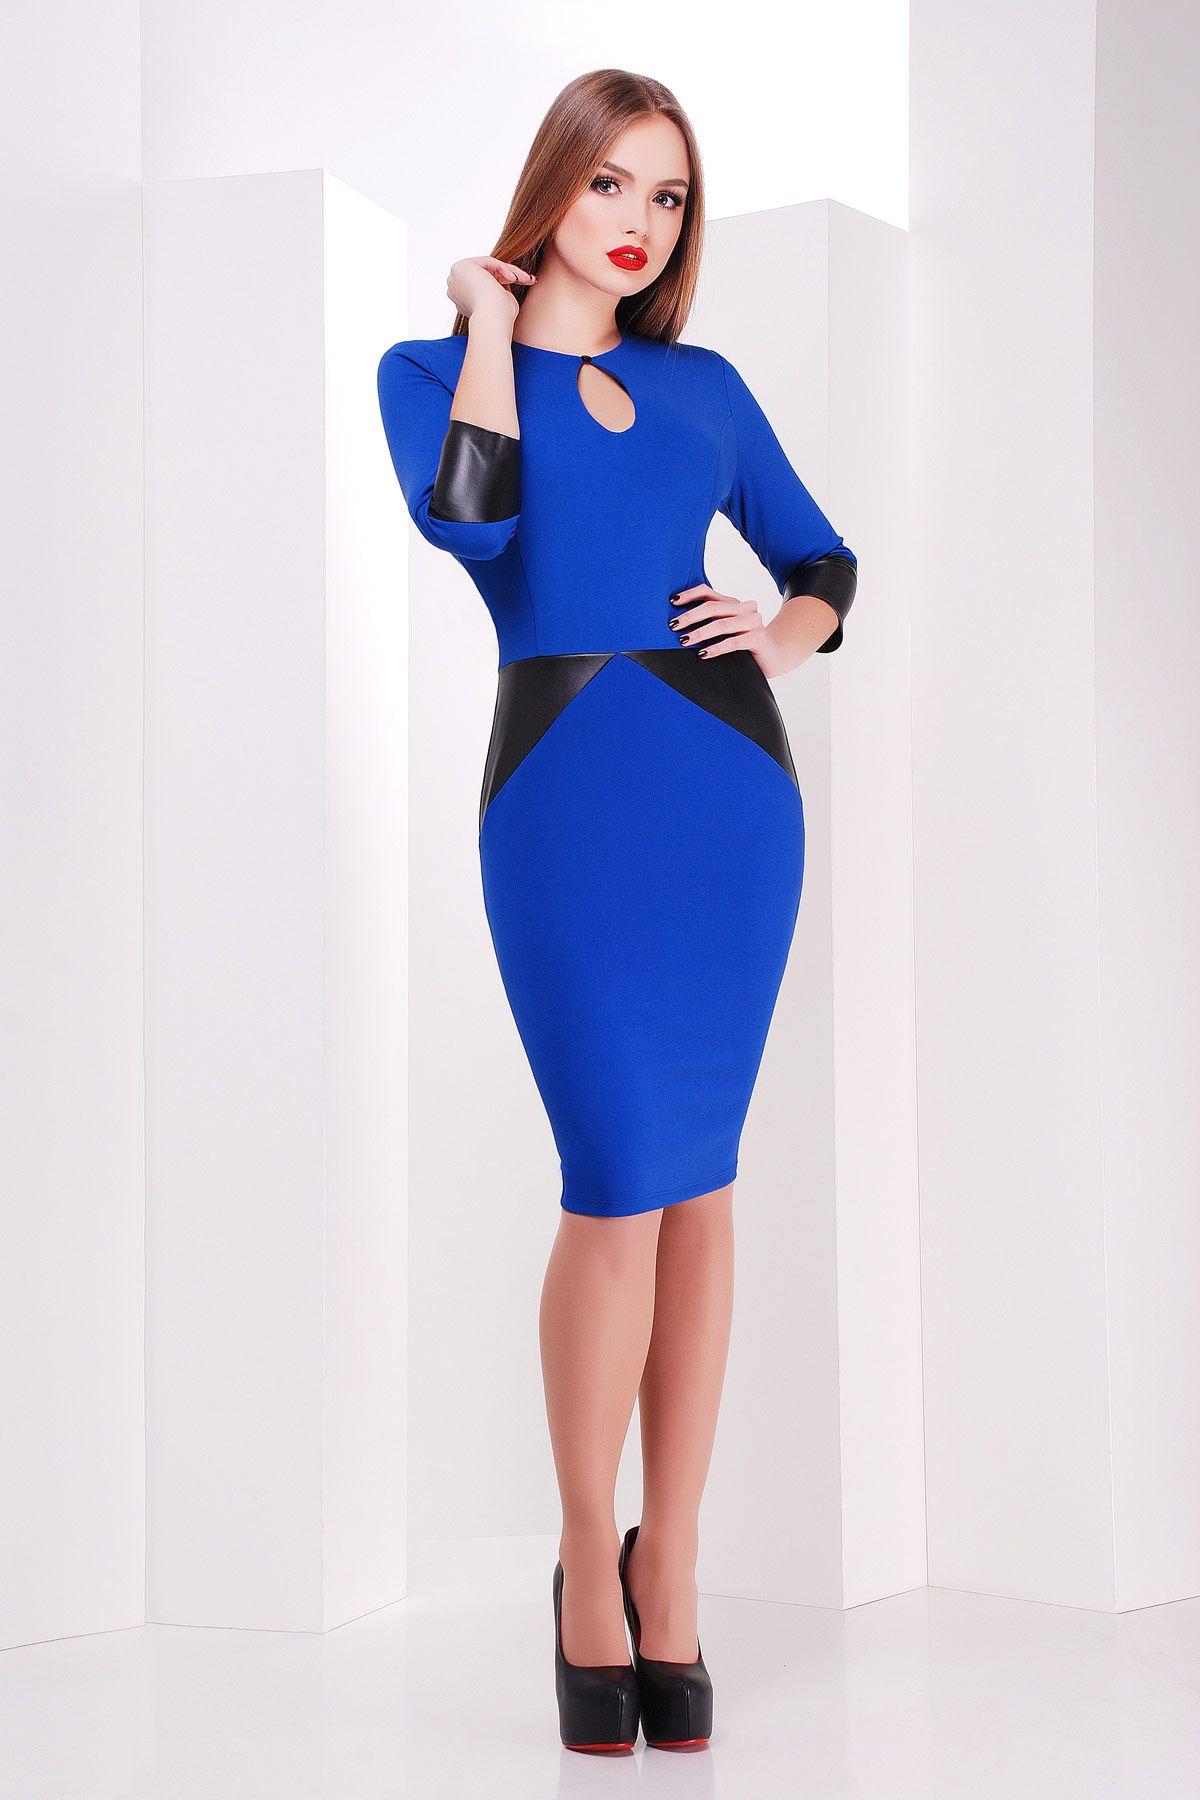 ddd5e376c6f Платье цвета электрик на весну-лето со вставками из черной экокожи. платье  Макбет д